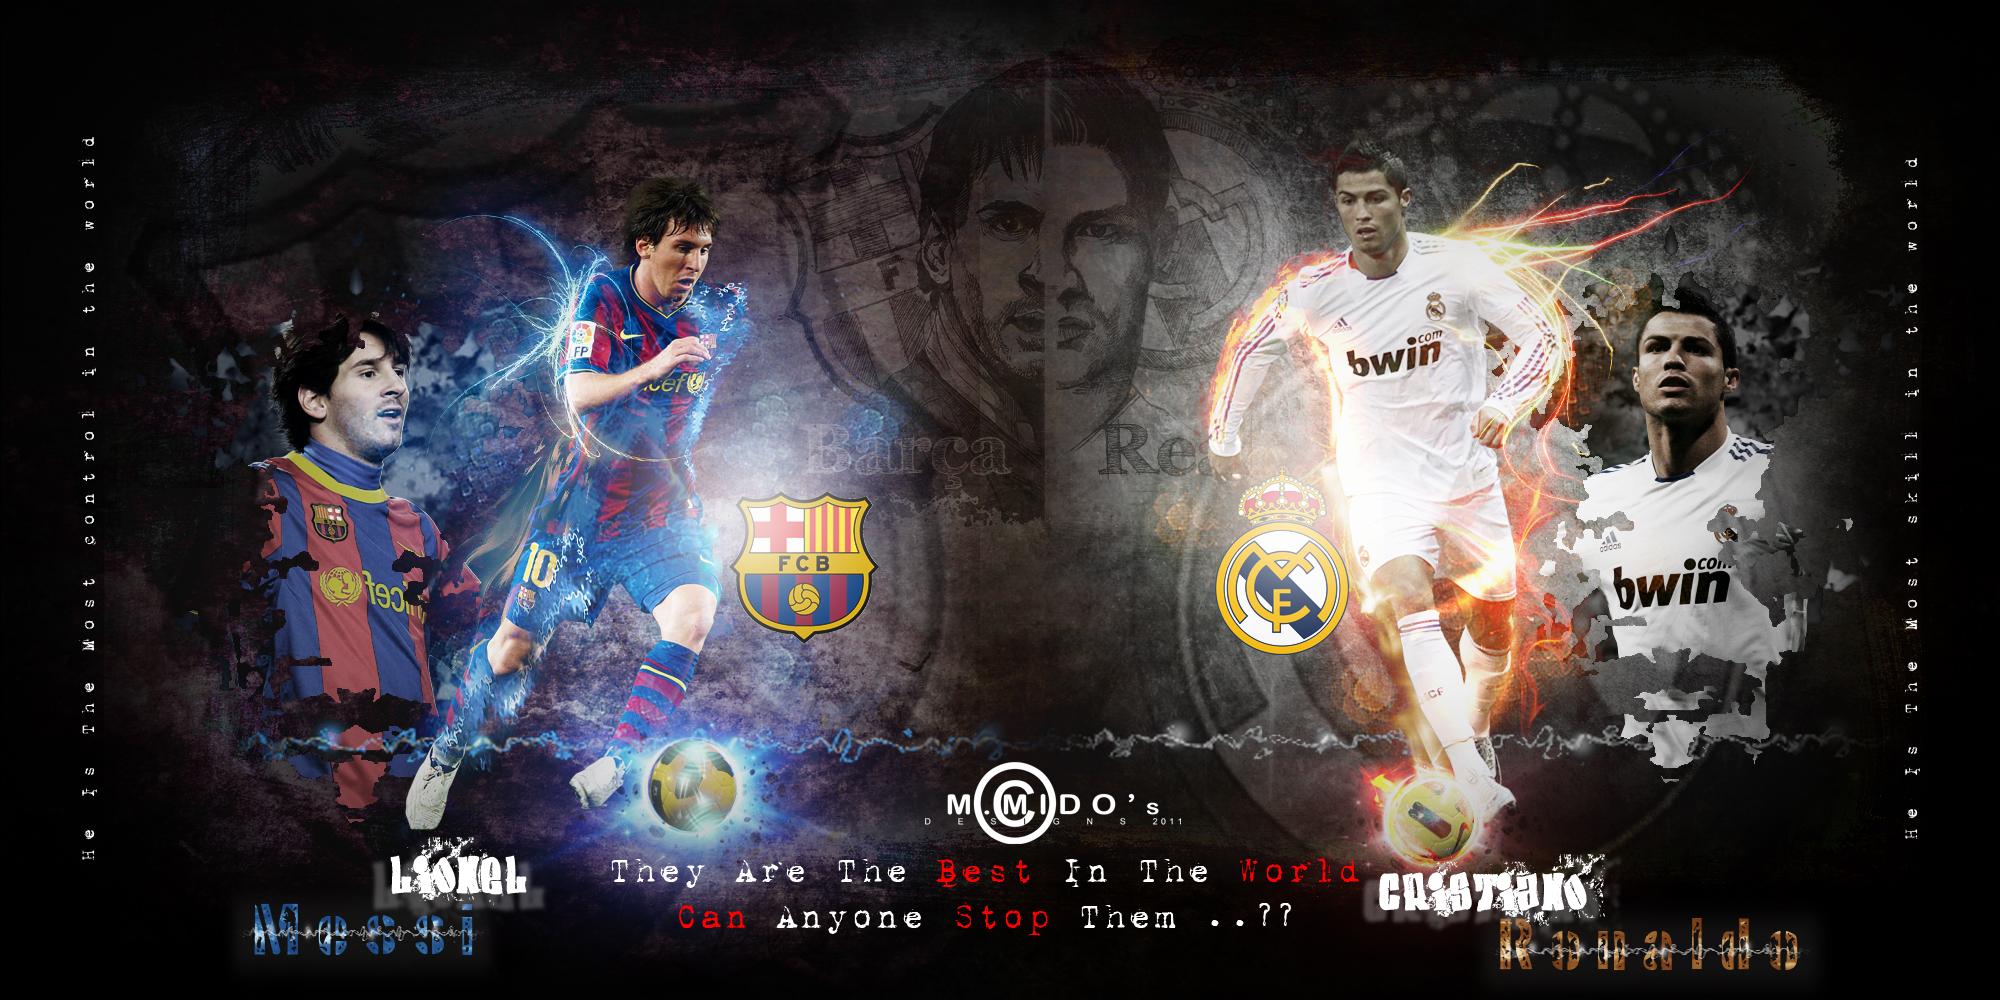 Ronaldo Vs Messi favloadcom 2000x1000